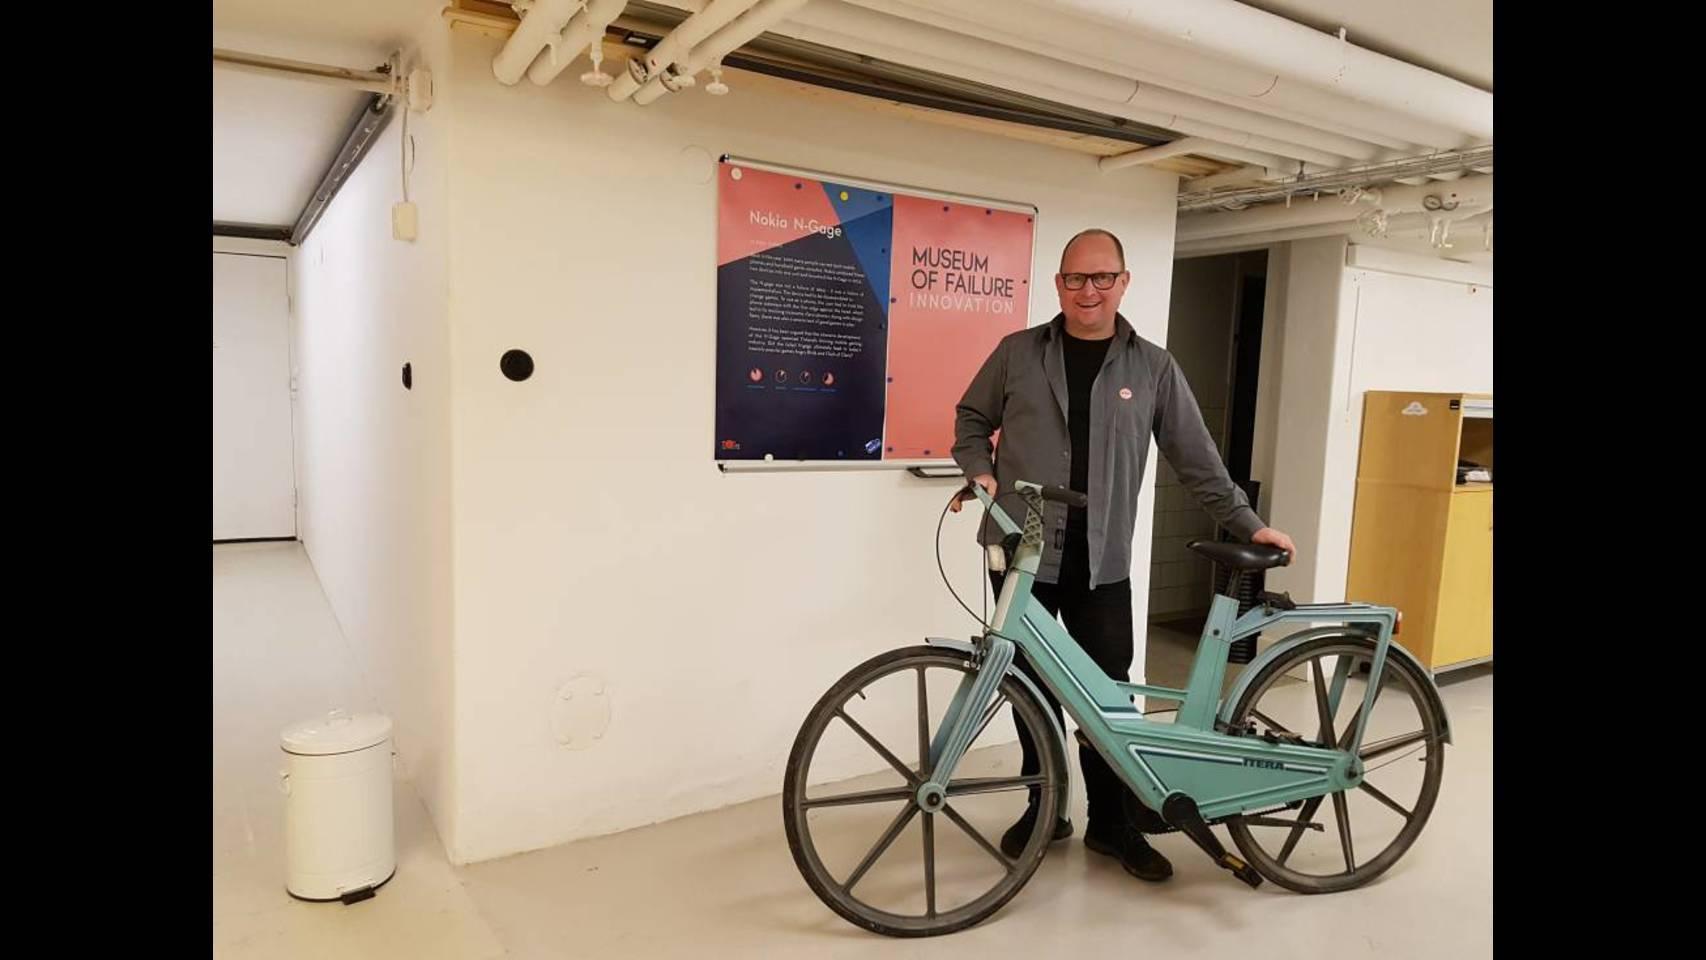 Uno de los 50 productos fallidos que recoge el Museo de los Fracasos que abrirá en junio en Suecia.